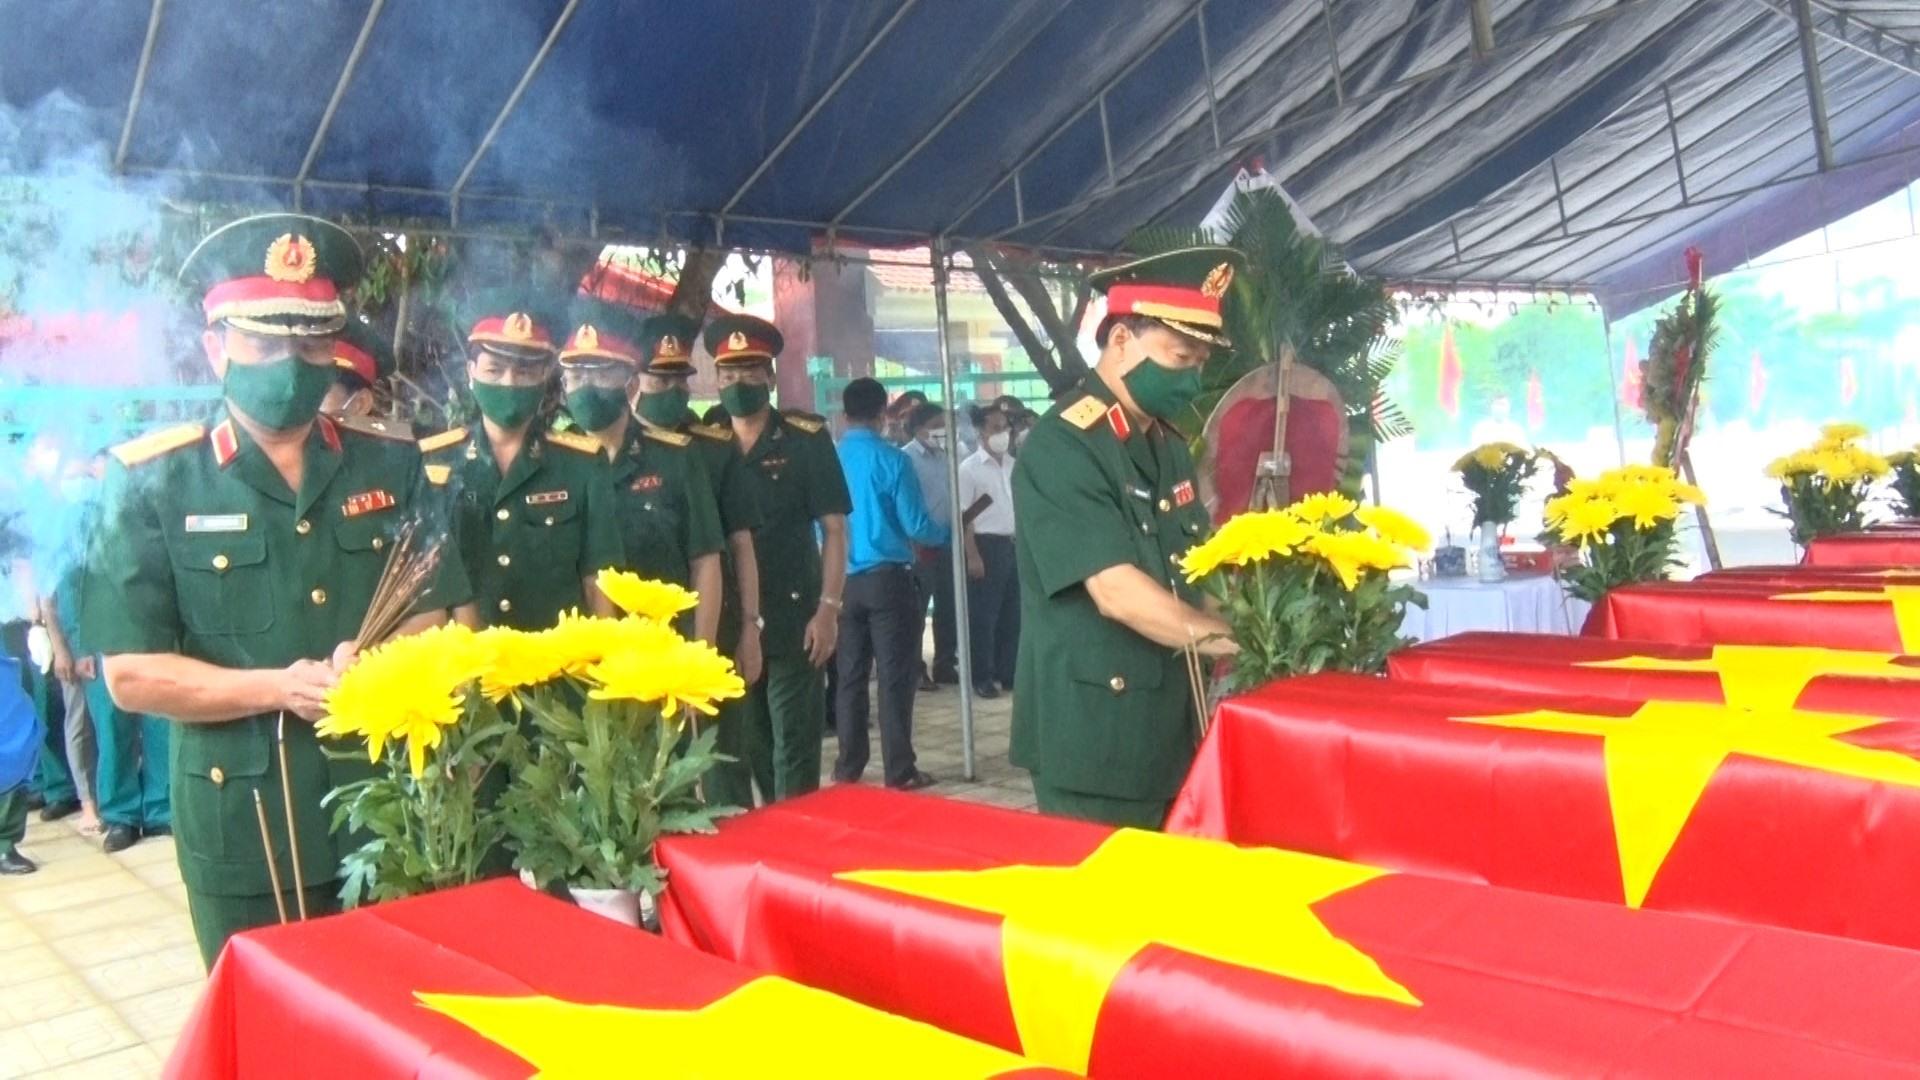 Cán bộ, chiến sĩ và nhân dân dâng hương tưởng niệm anh hùng liệt sĩ. Ảnh: N.P